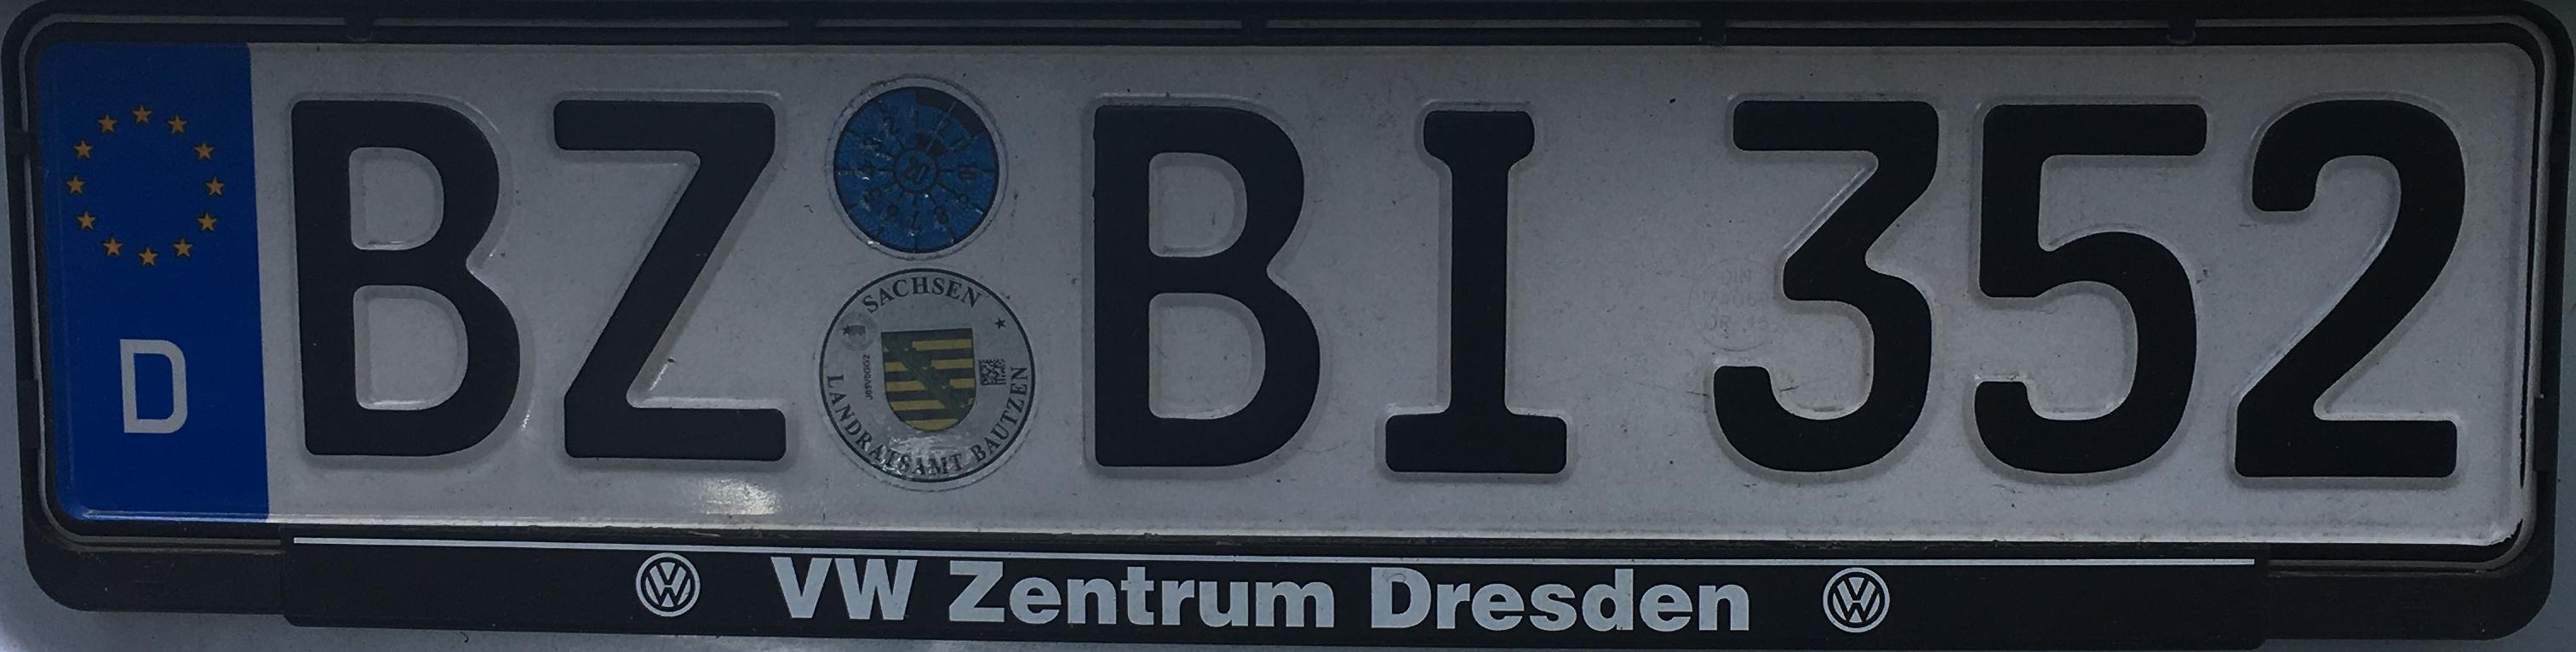 Registrační značka Německo - BZ - Bautzen, foto: www.podalnici.cz